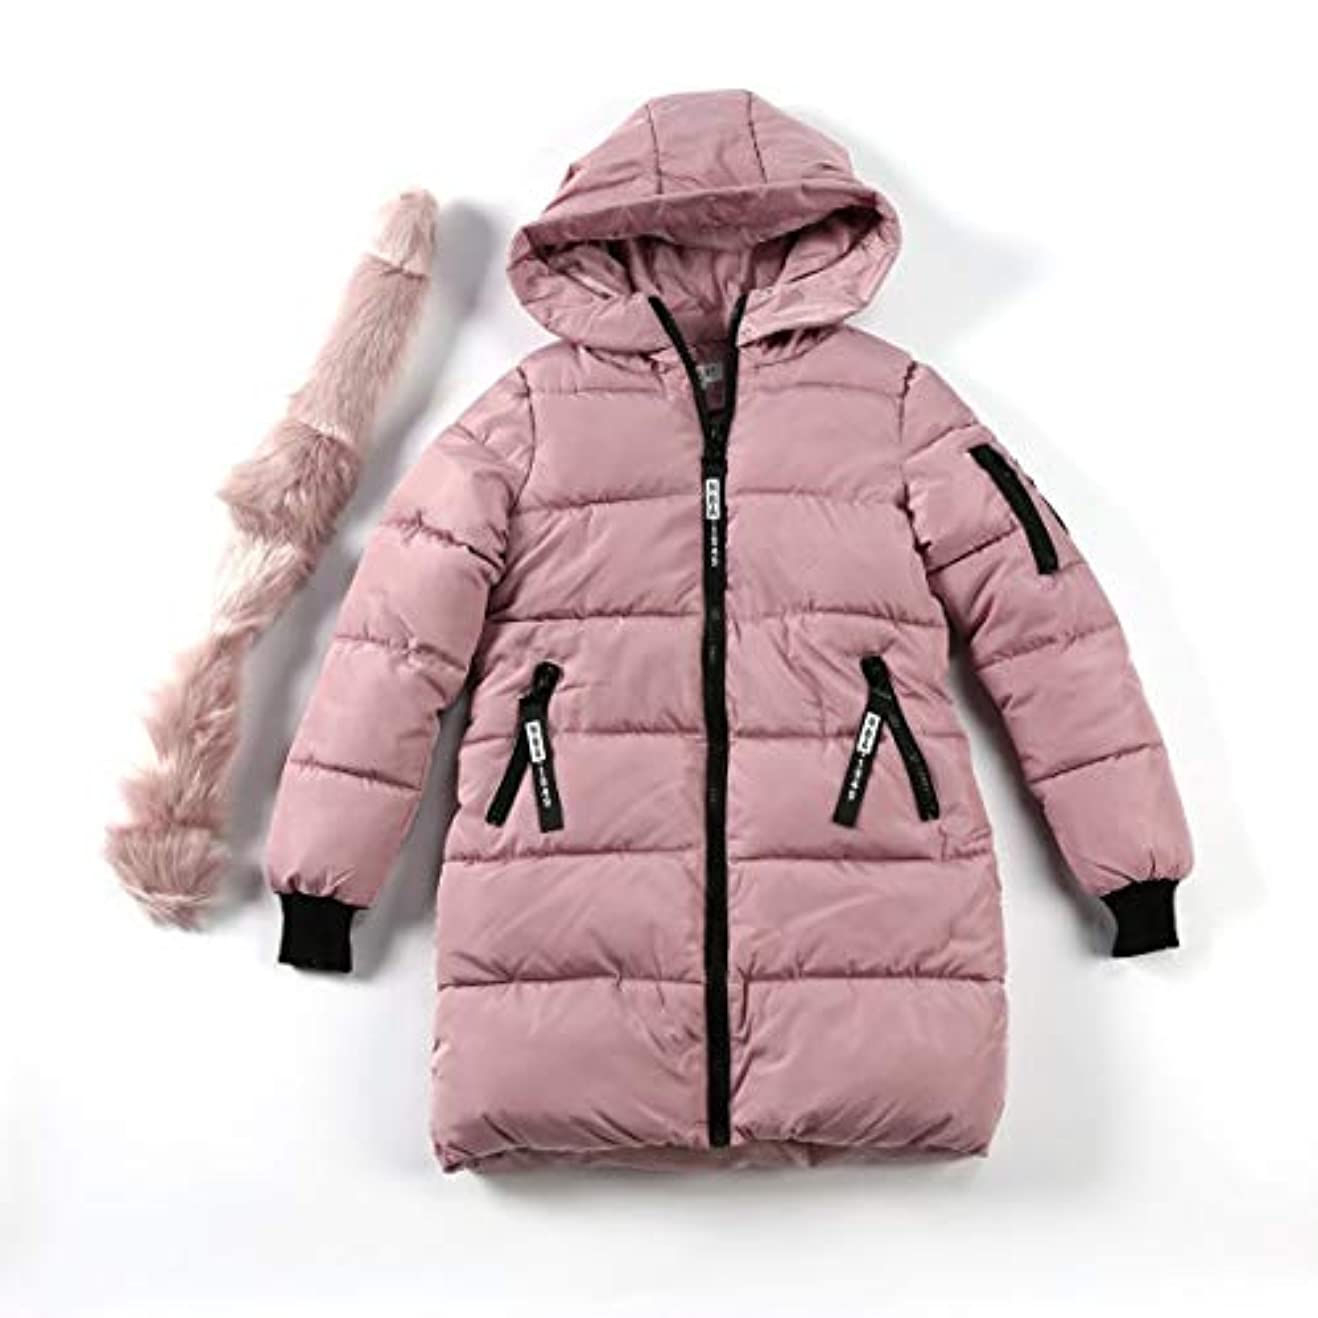 啓発するテレビ局効率韓国スタイルの女性のコートファッションオールマッチフード付きダウンジャケット綿パッド入りの厚く暖かいコートミドルロング冬生き抜くコート-ライトピンクXl